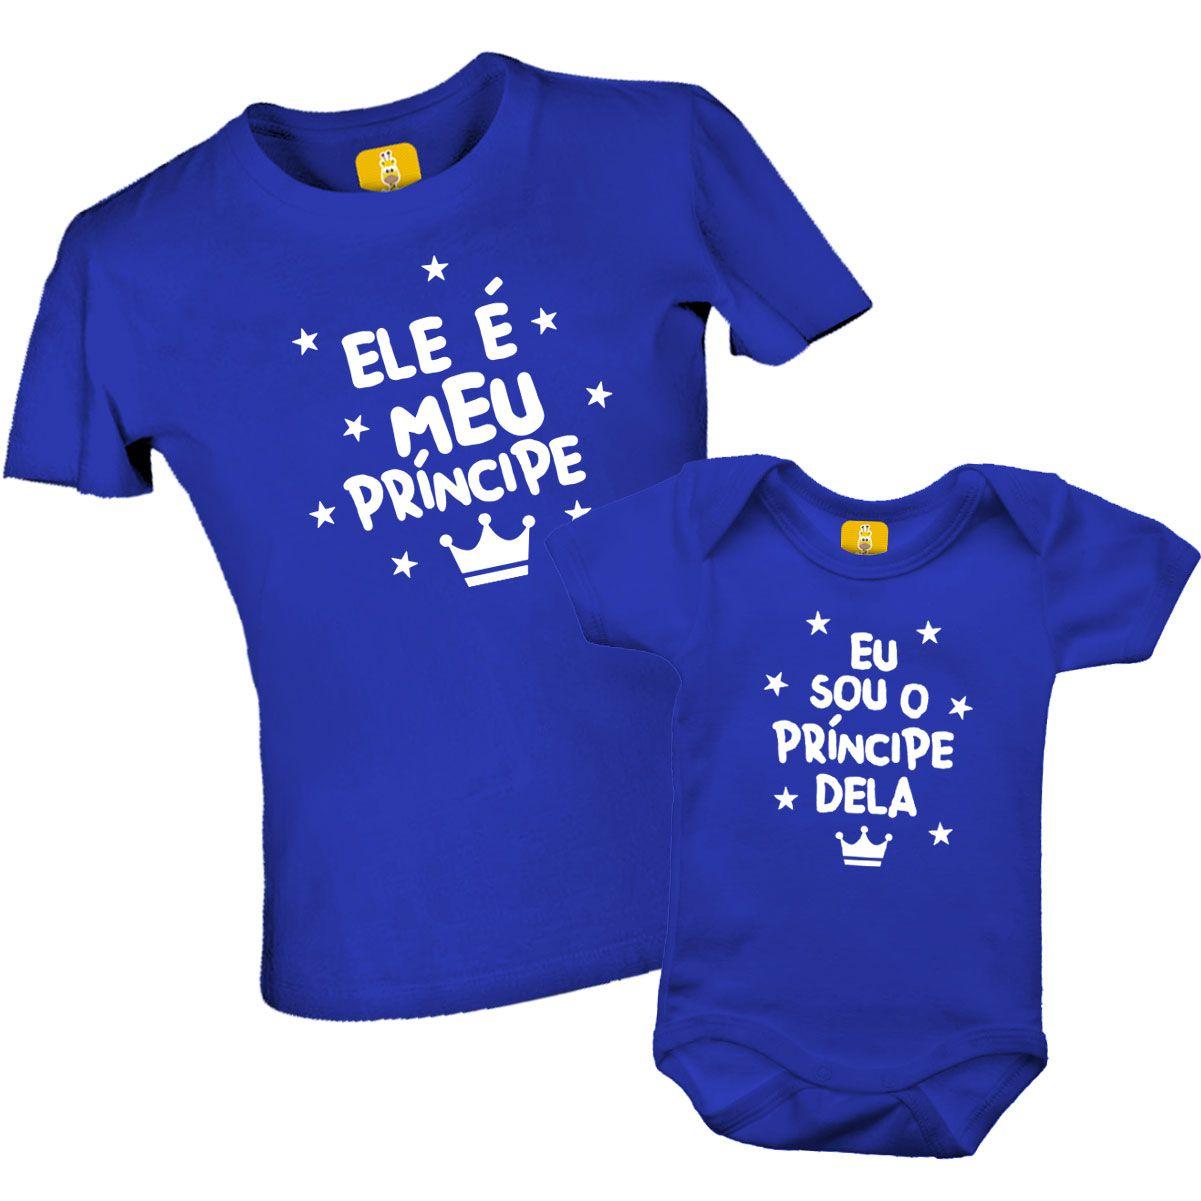 Kit de camiseta e body  Ele é meu príncipe